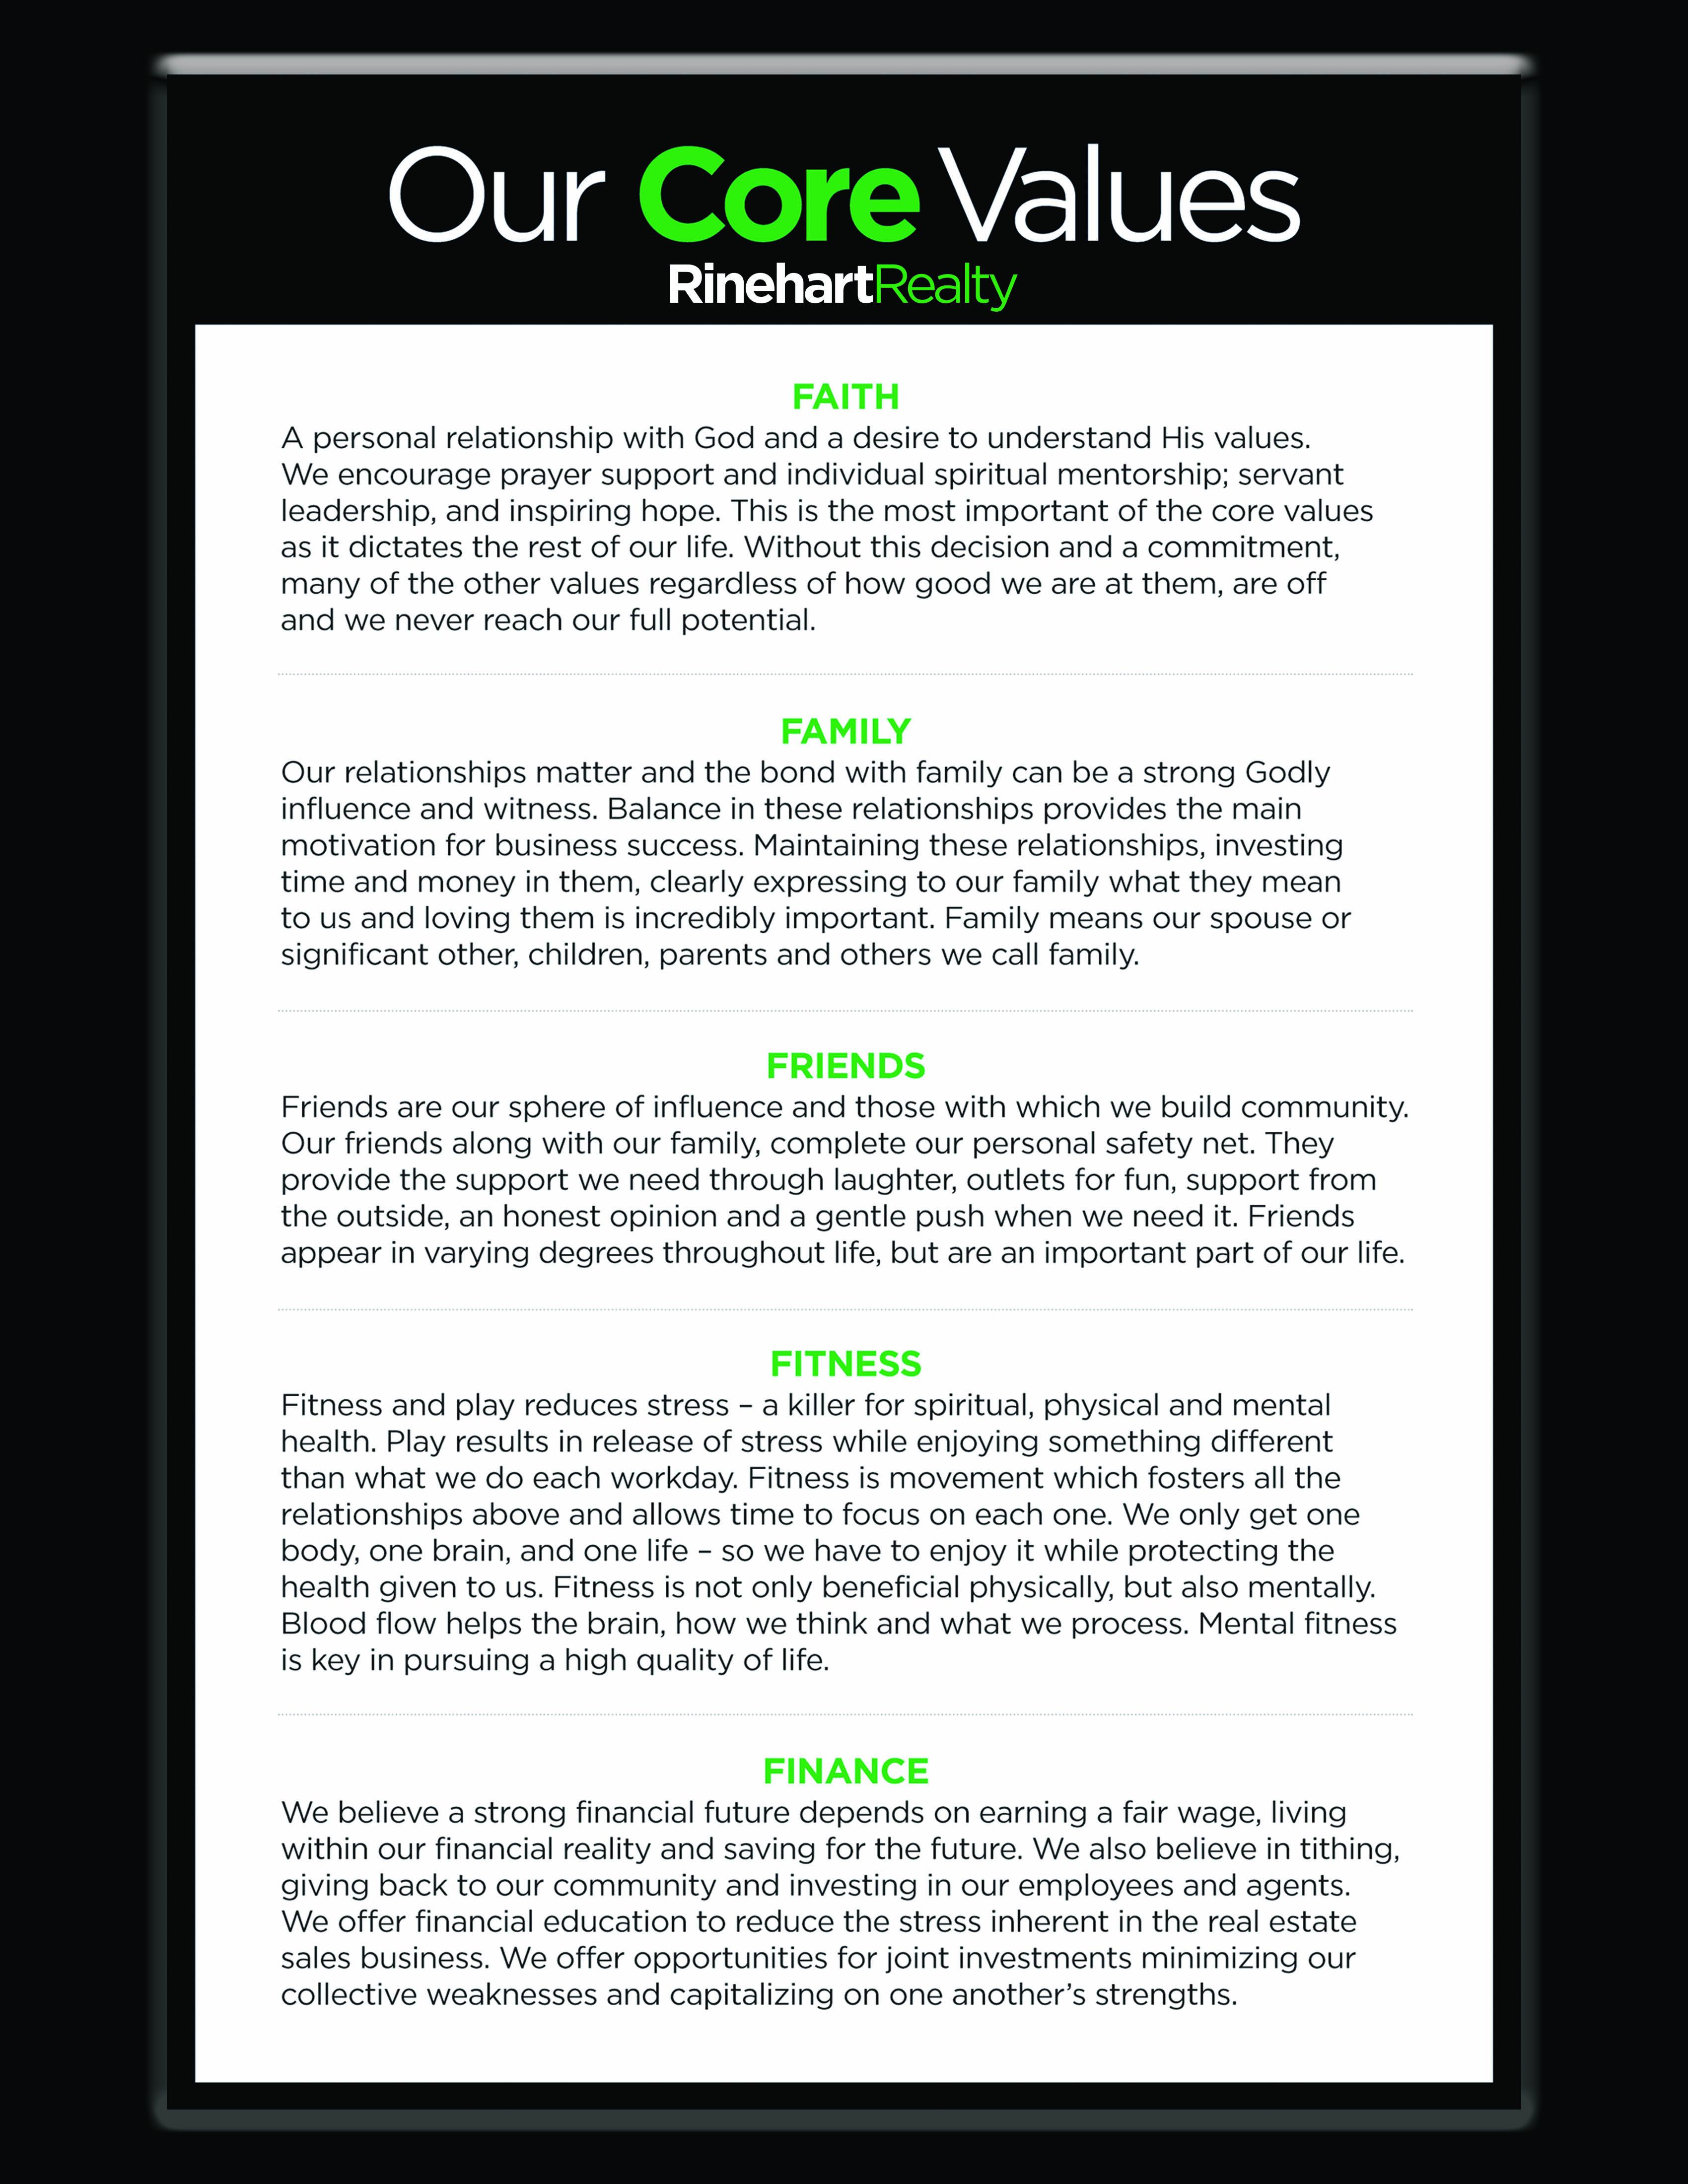 Rinehart Realty Core Values